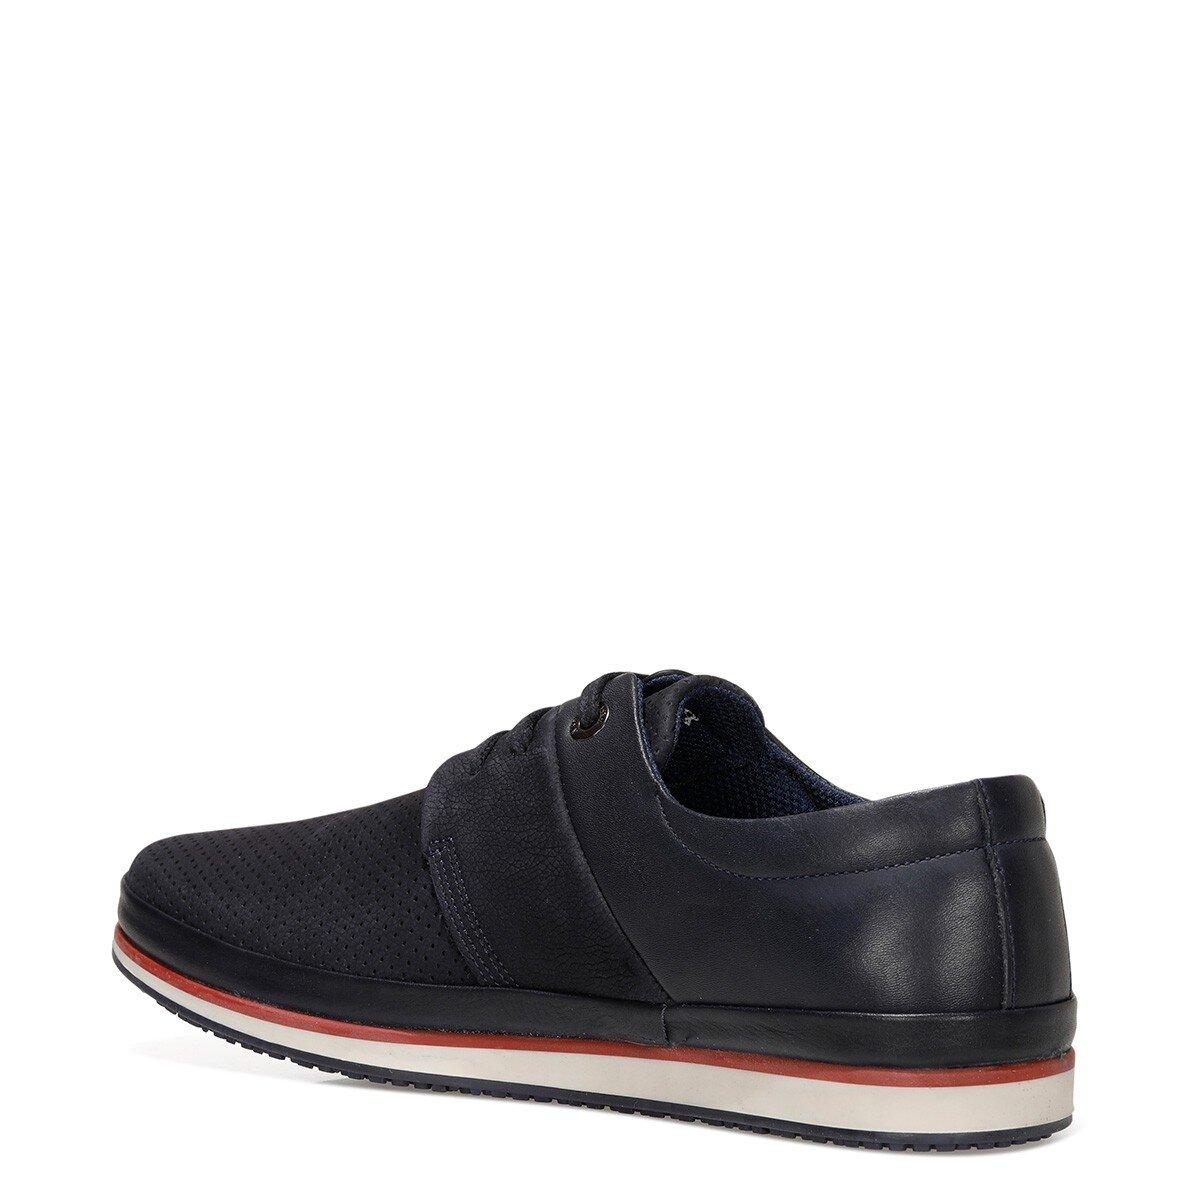 MOLEN 1FX Lacivert Erkek Klasik Ayakkabı